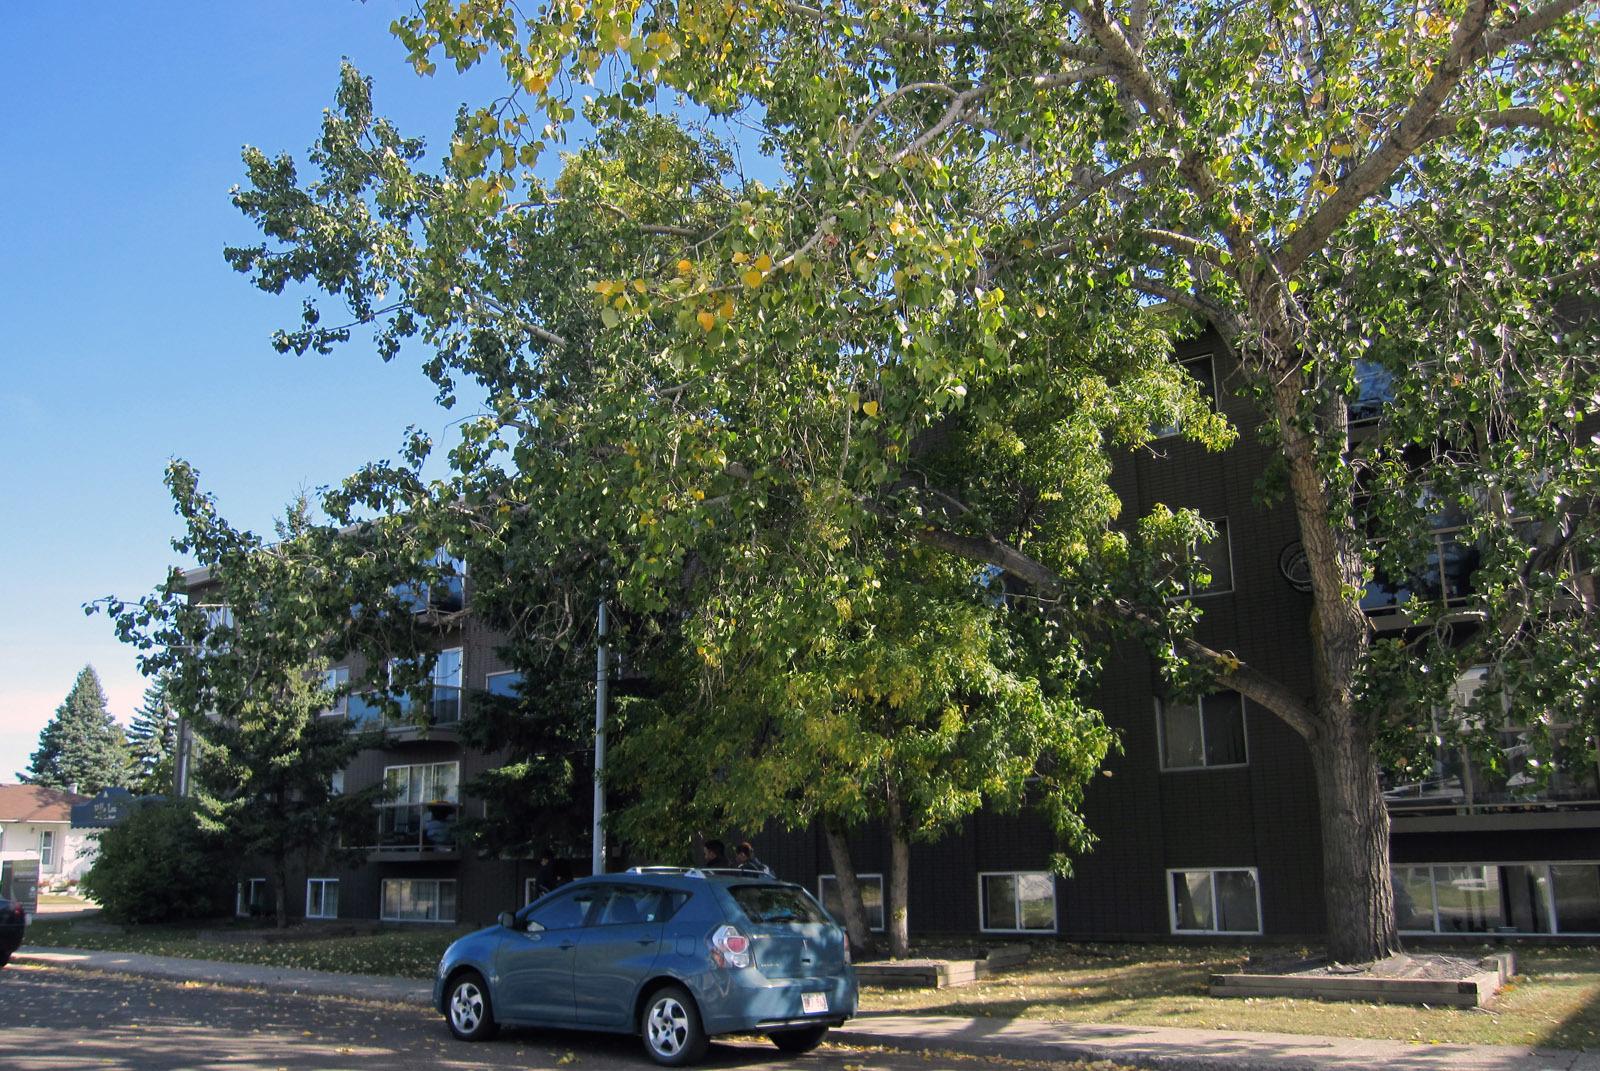 10155 153 Street NW, Edmonton, AB - $1,125